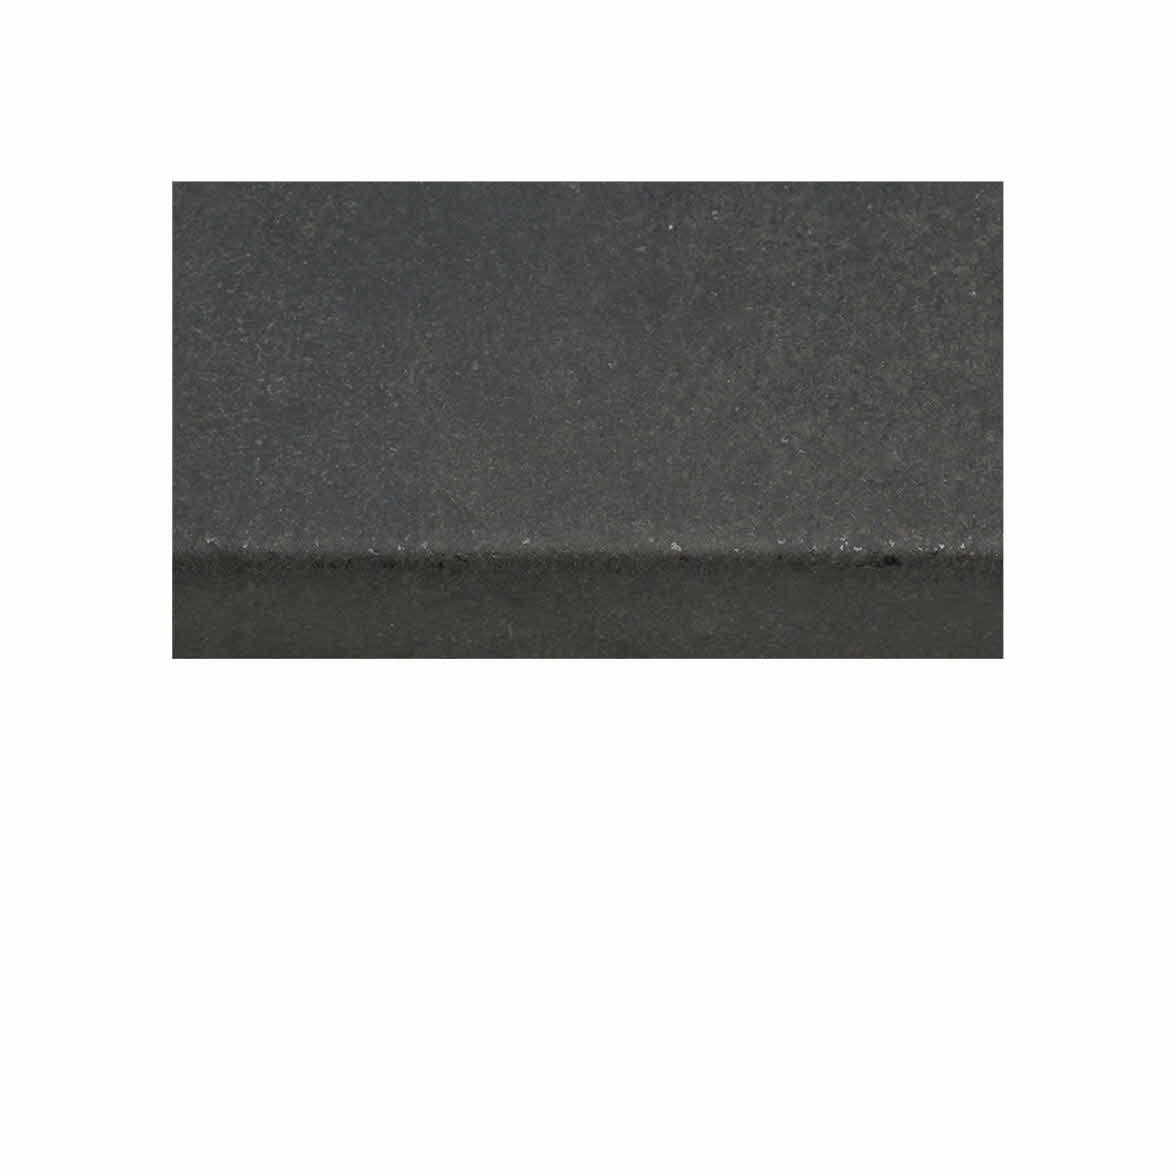 Inredning måttbeställd bänkskiva : Bänkskiva laminat grÃ¥ betong | kök | Pinterest | GrÃ¥ och Kök